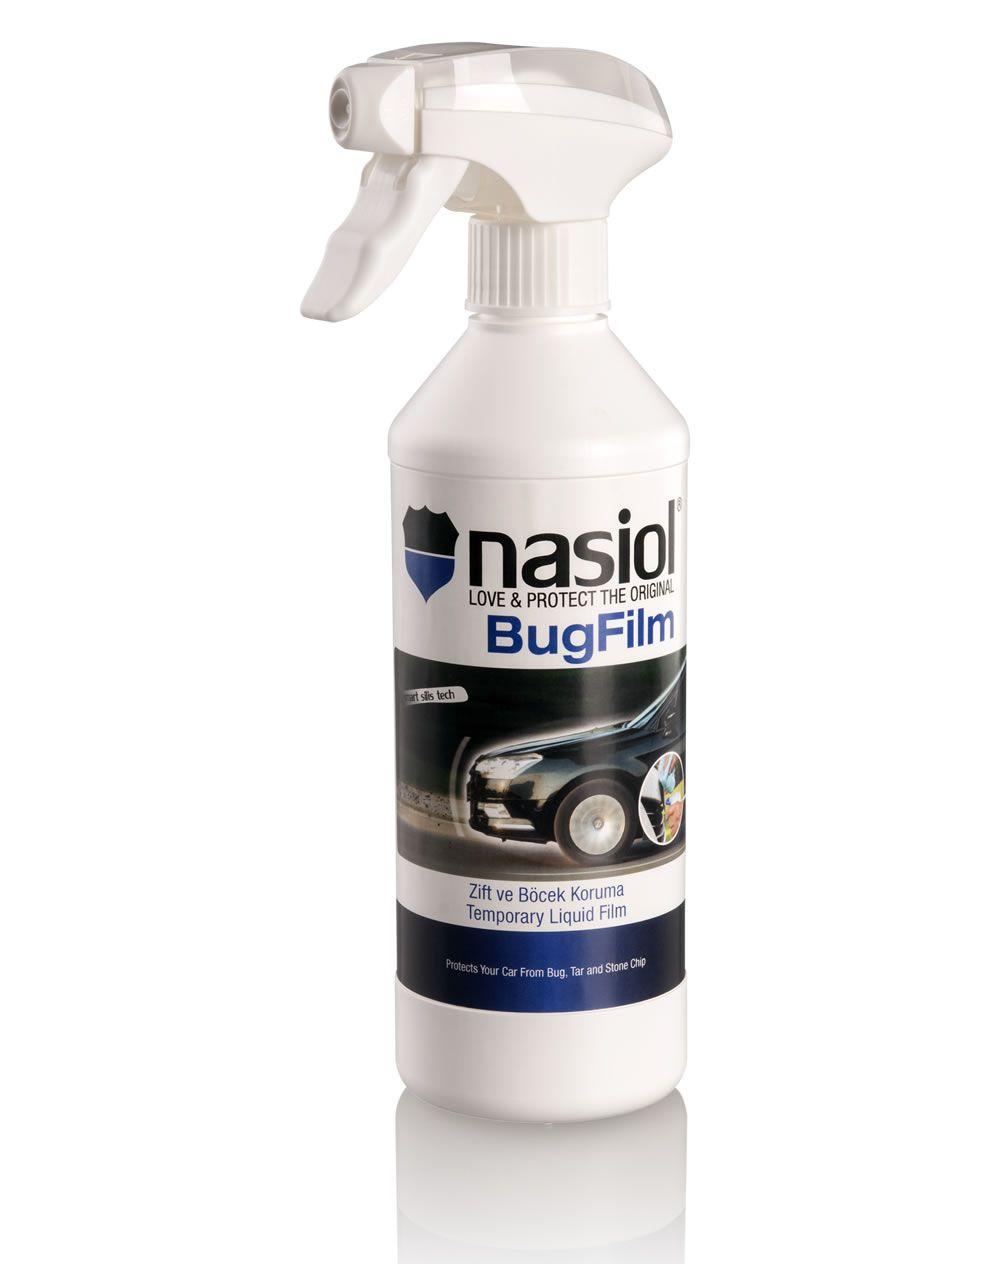 NASIOL Bugfilm – Proteção contra insetos, areia e contaminantes – 500ml  - Loja Go Eco Wash